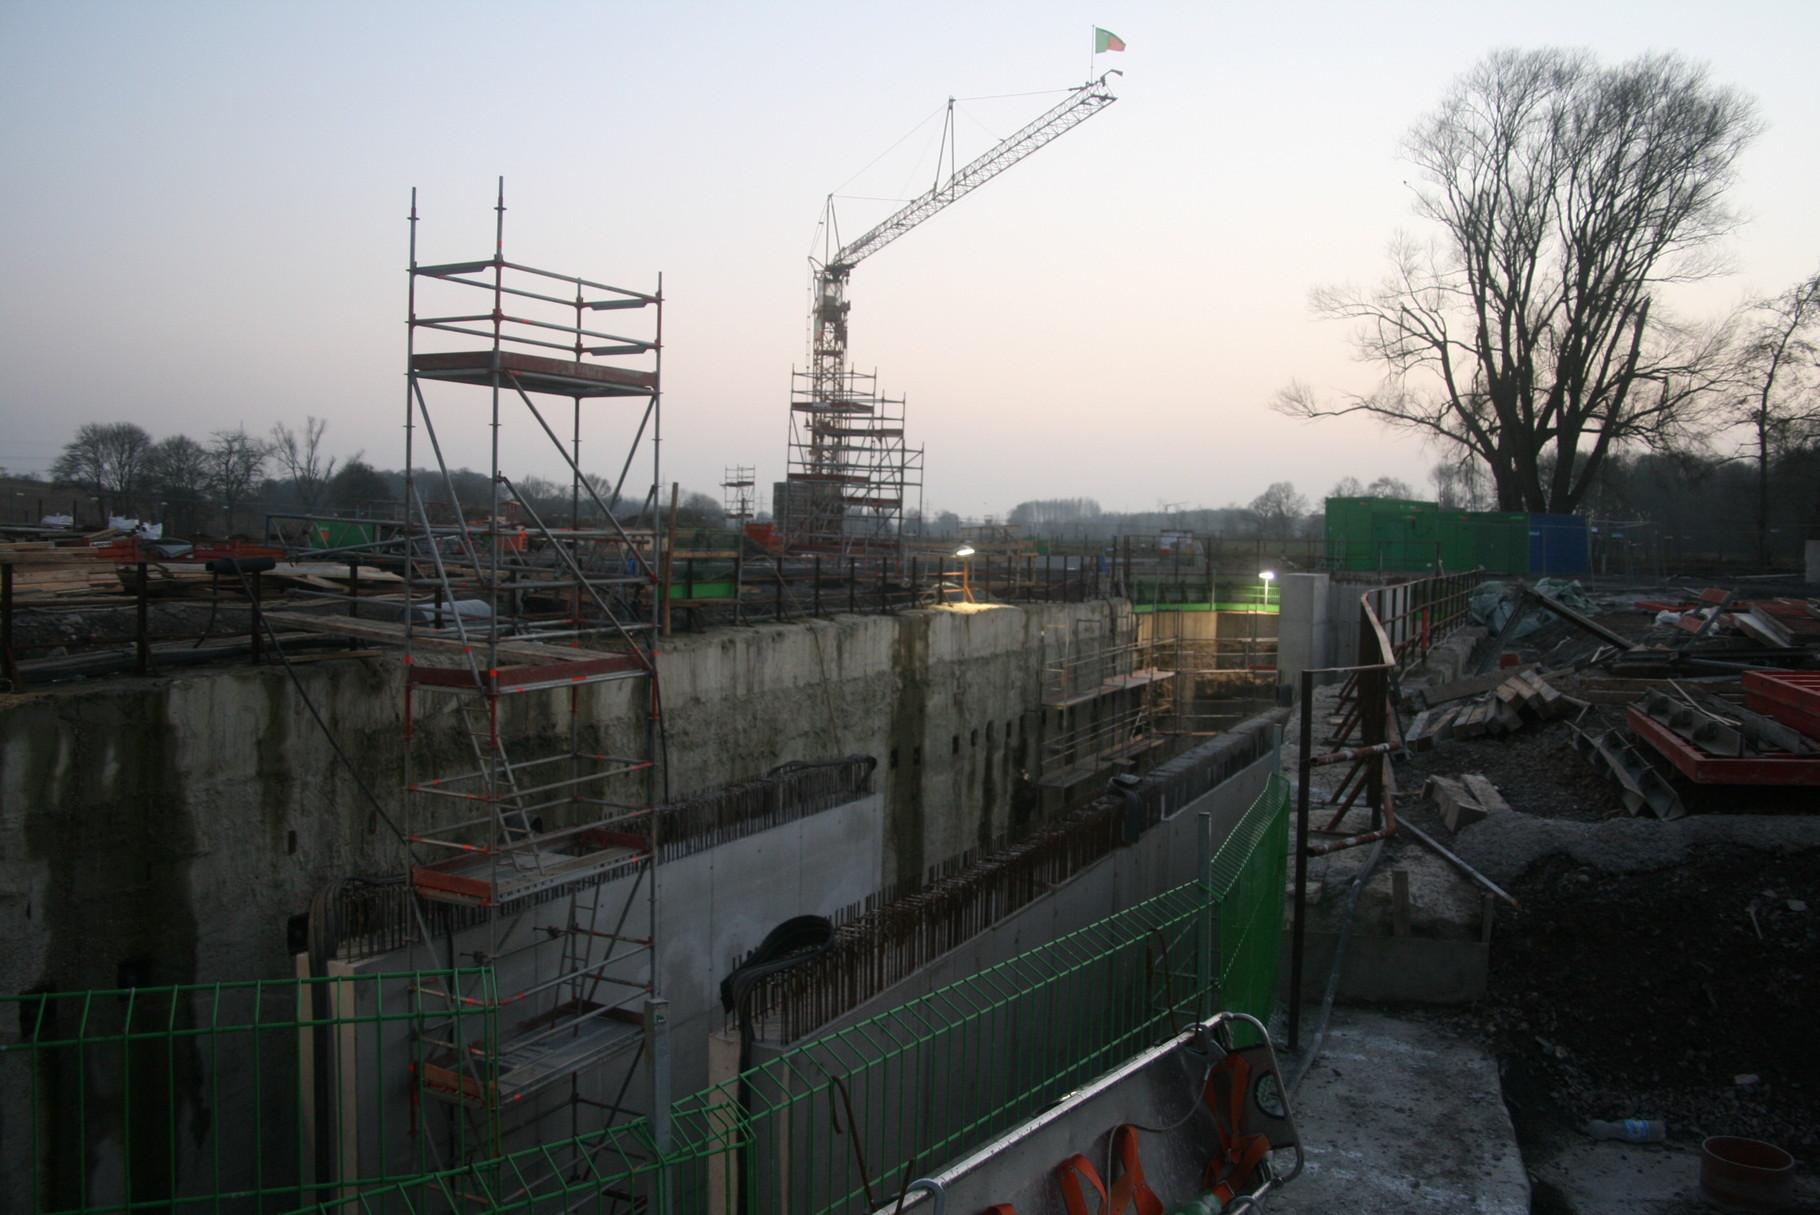 Baustelle Hennrichenburg